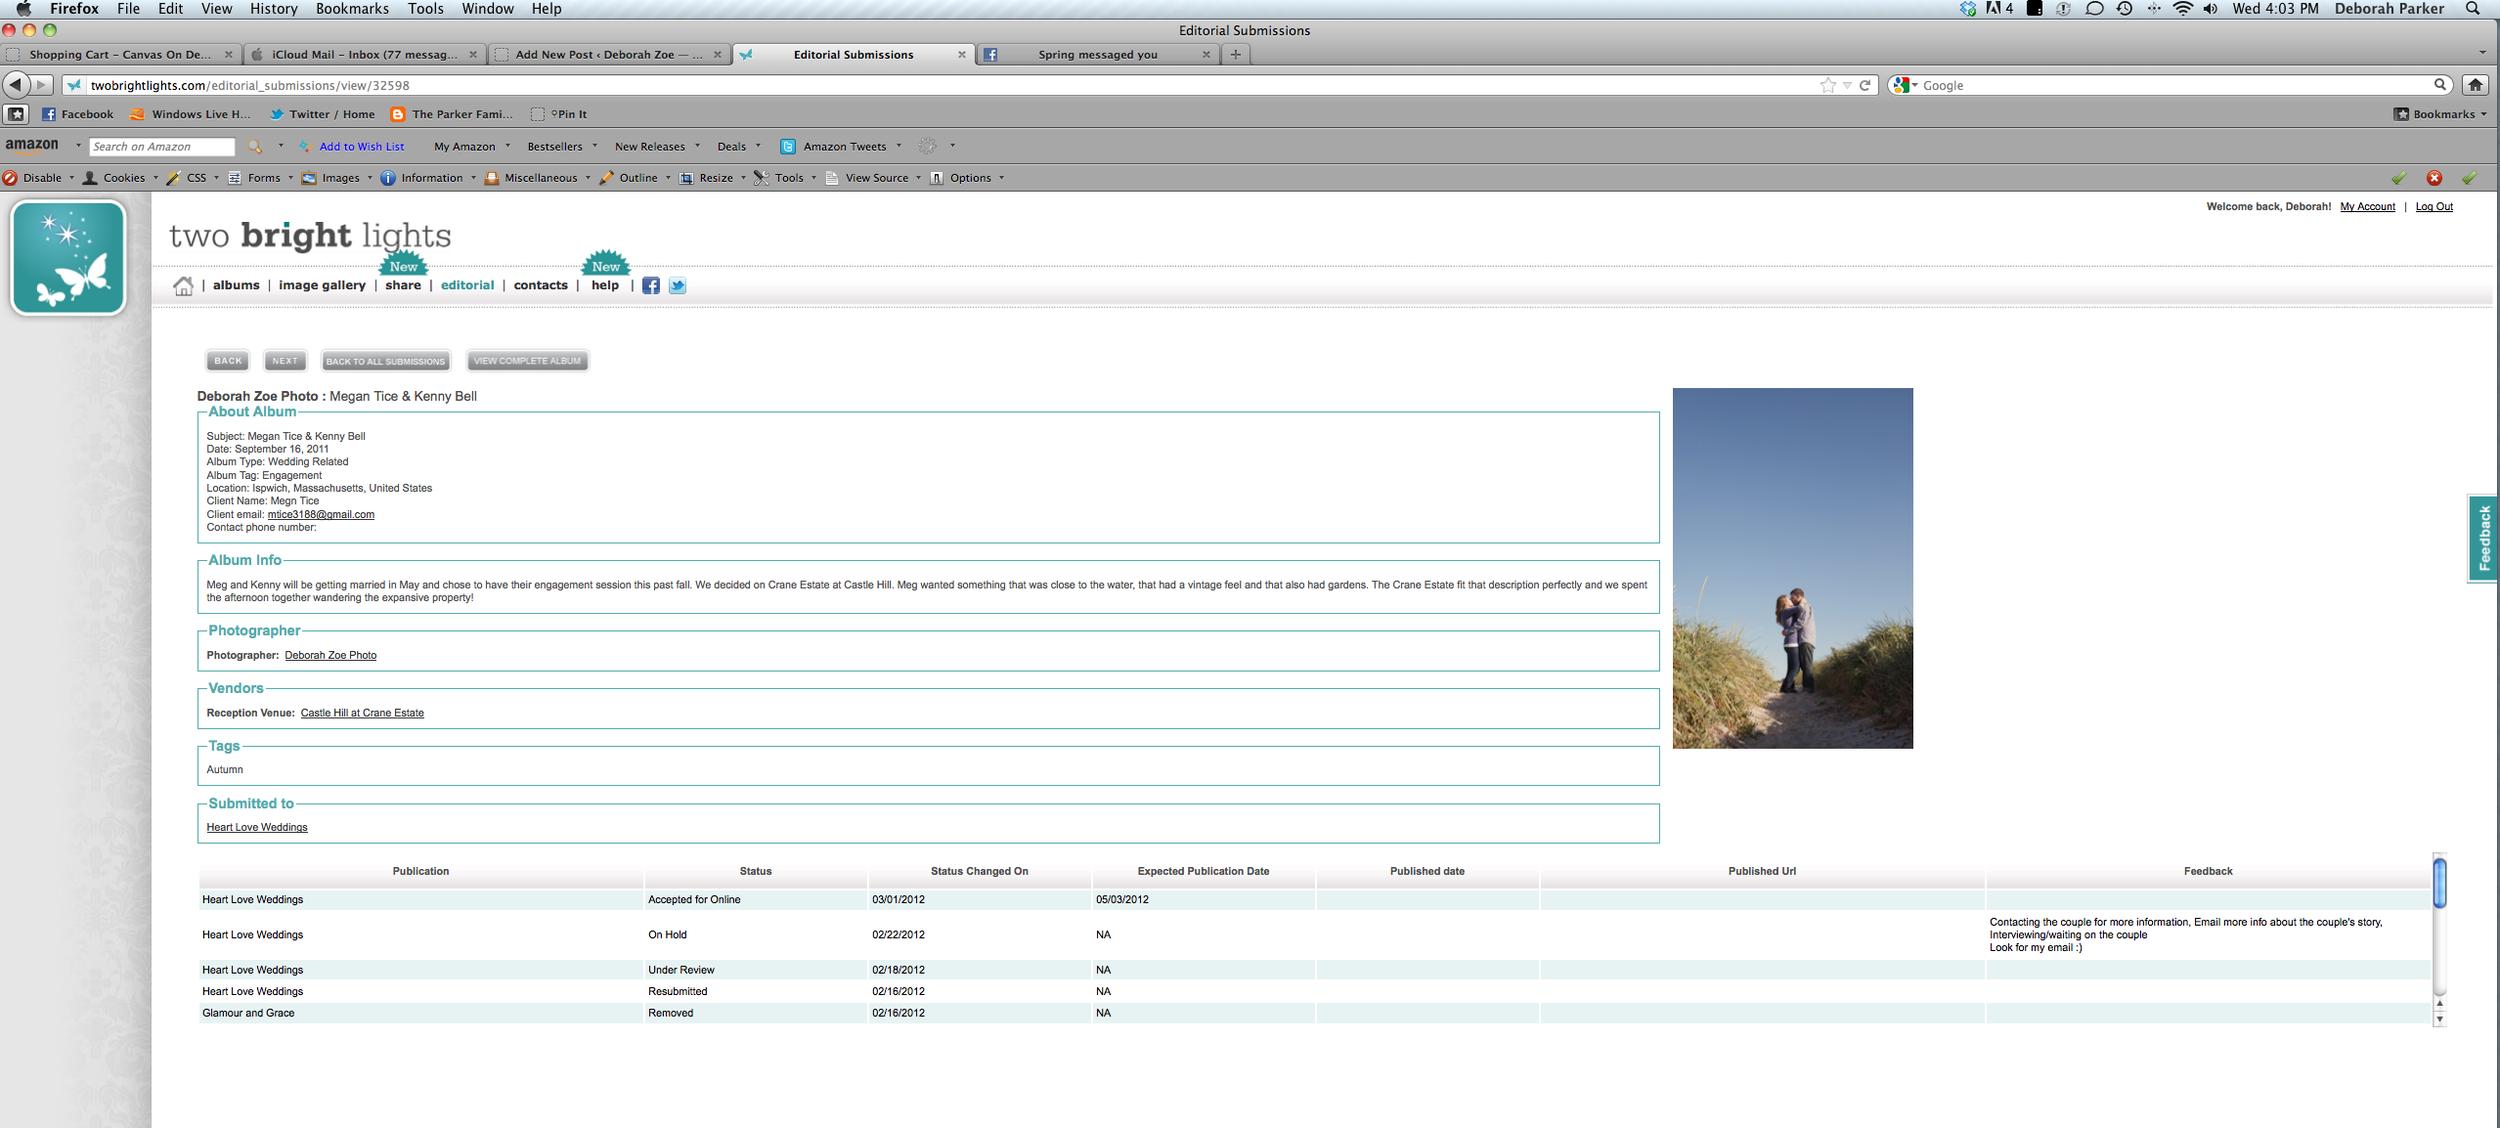 Screen shot 2012-03-21 at 4.03.30 PM